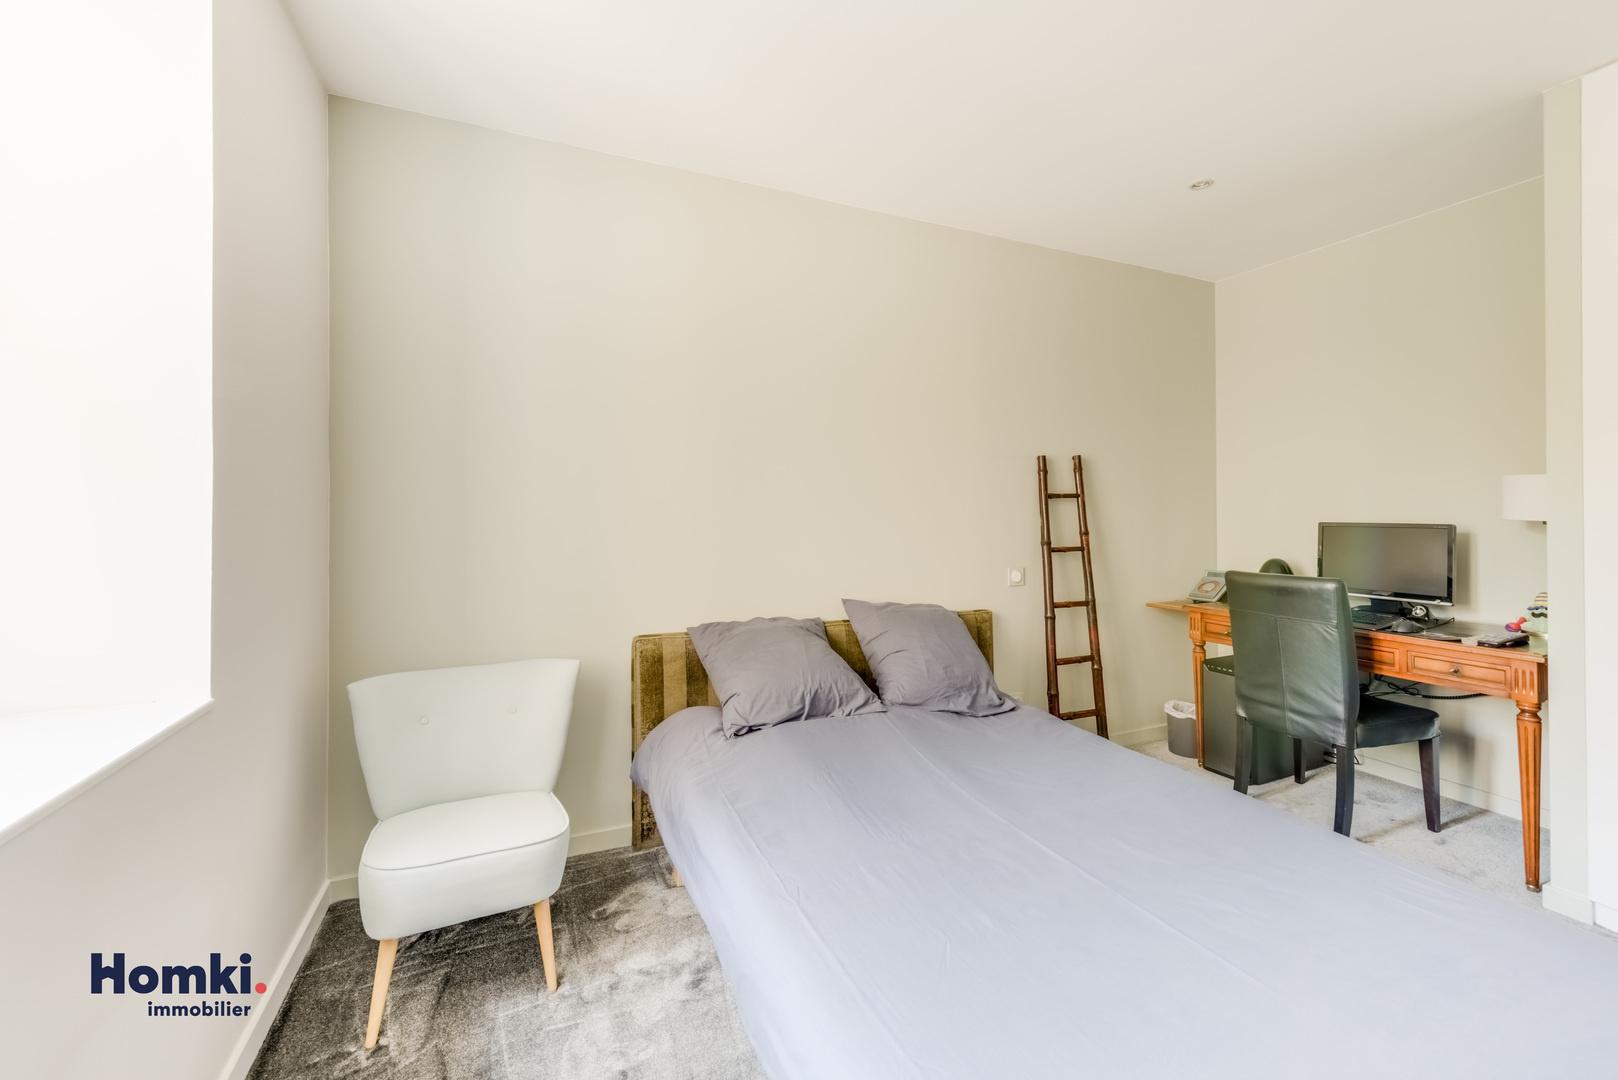 Homki - Vente appartement  de 86.0 m² à neuville sur saone 69250